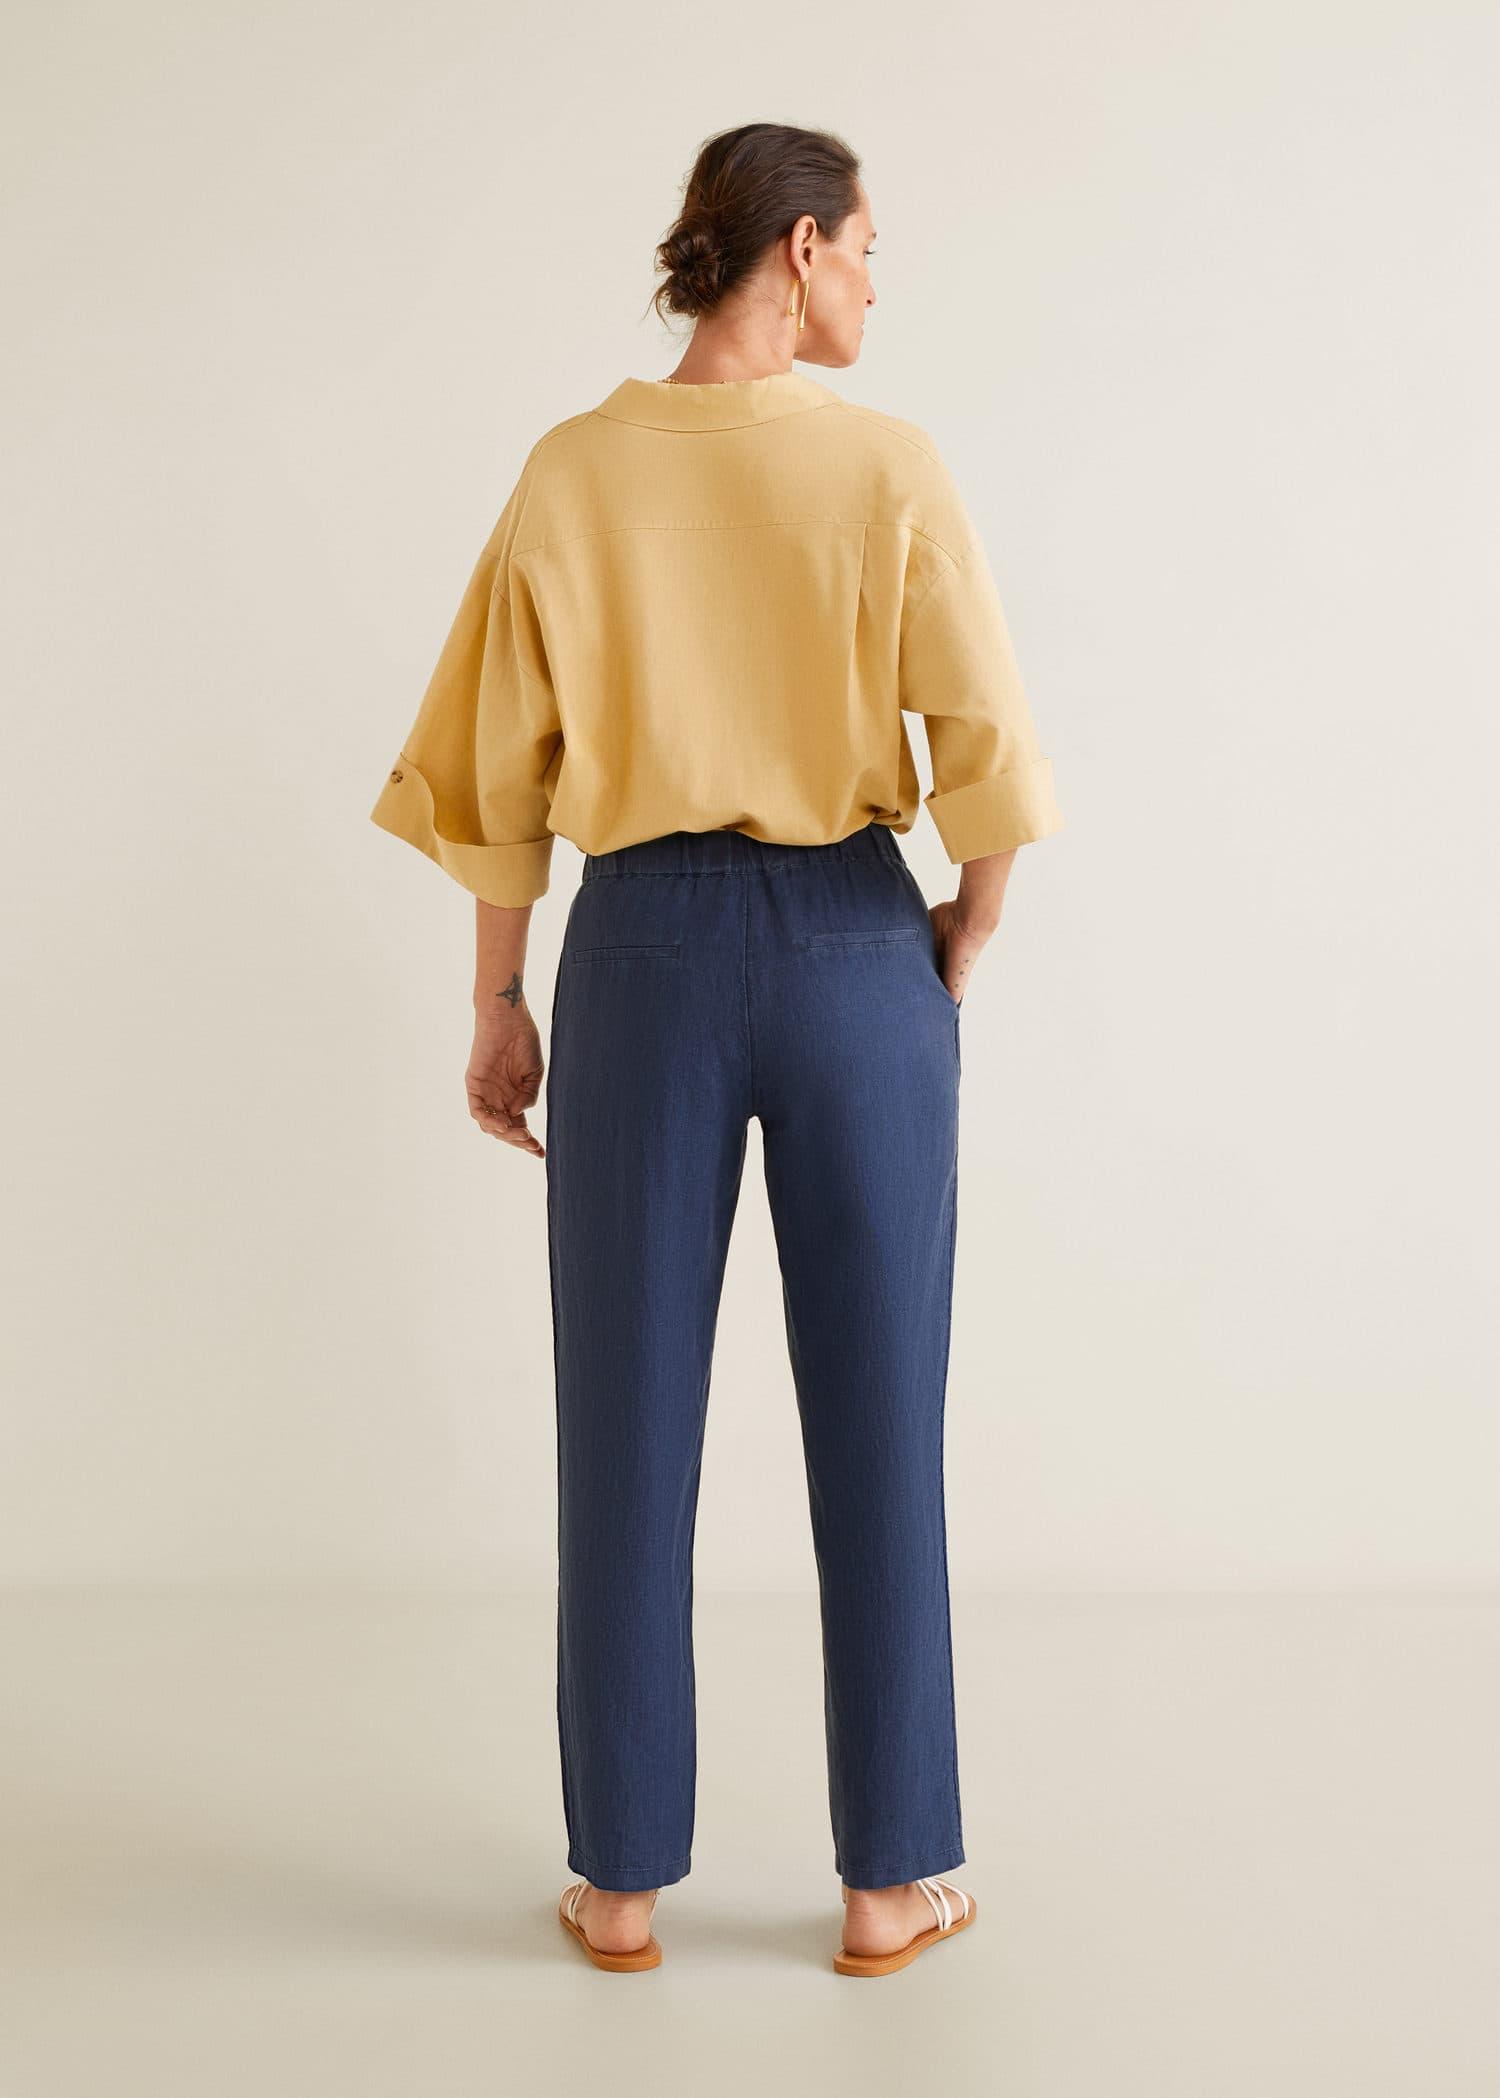 Pantalón recto lino Mujer | Mango España